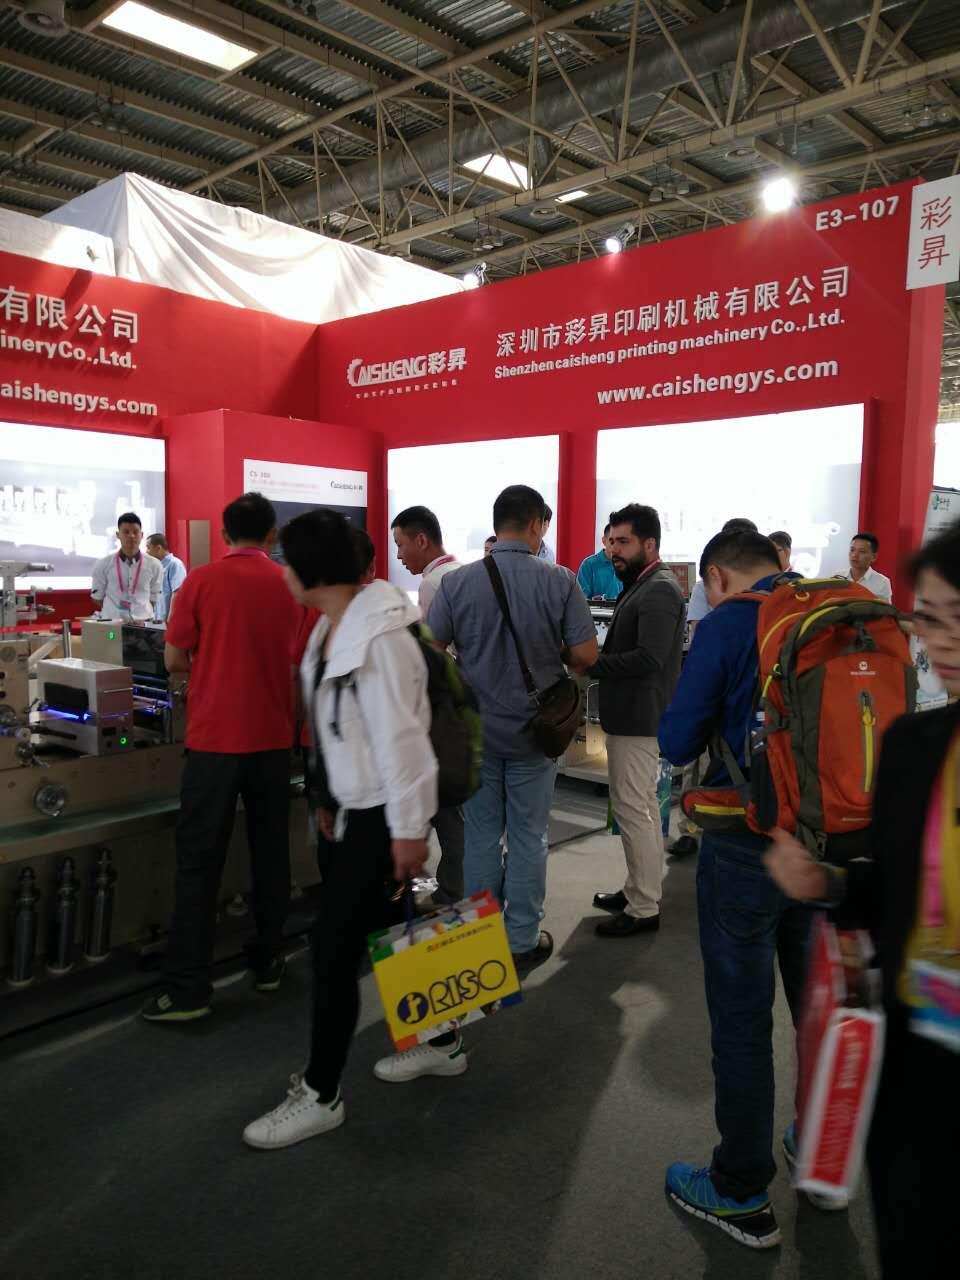 北京国际印刷技术展览会